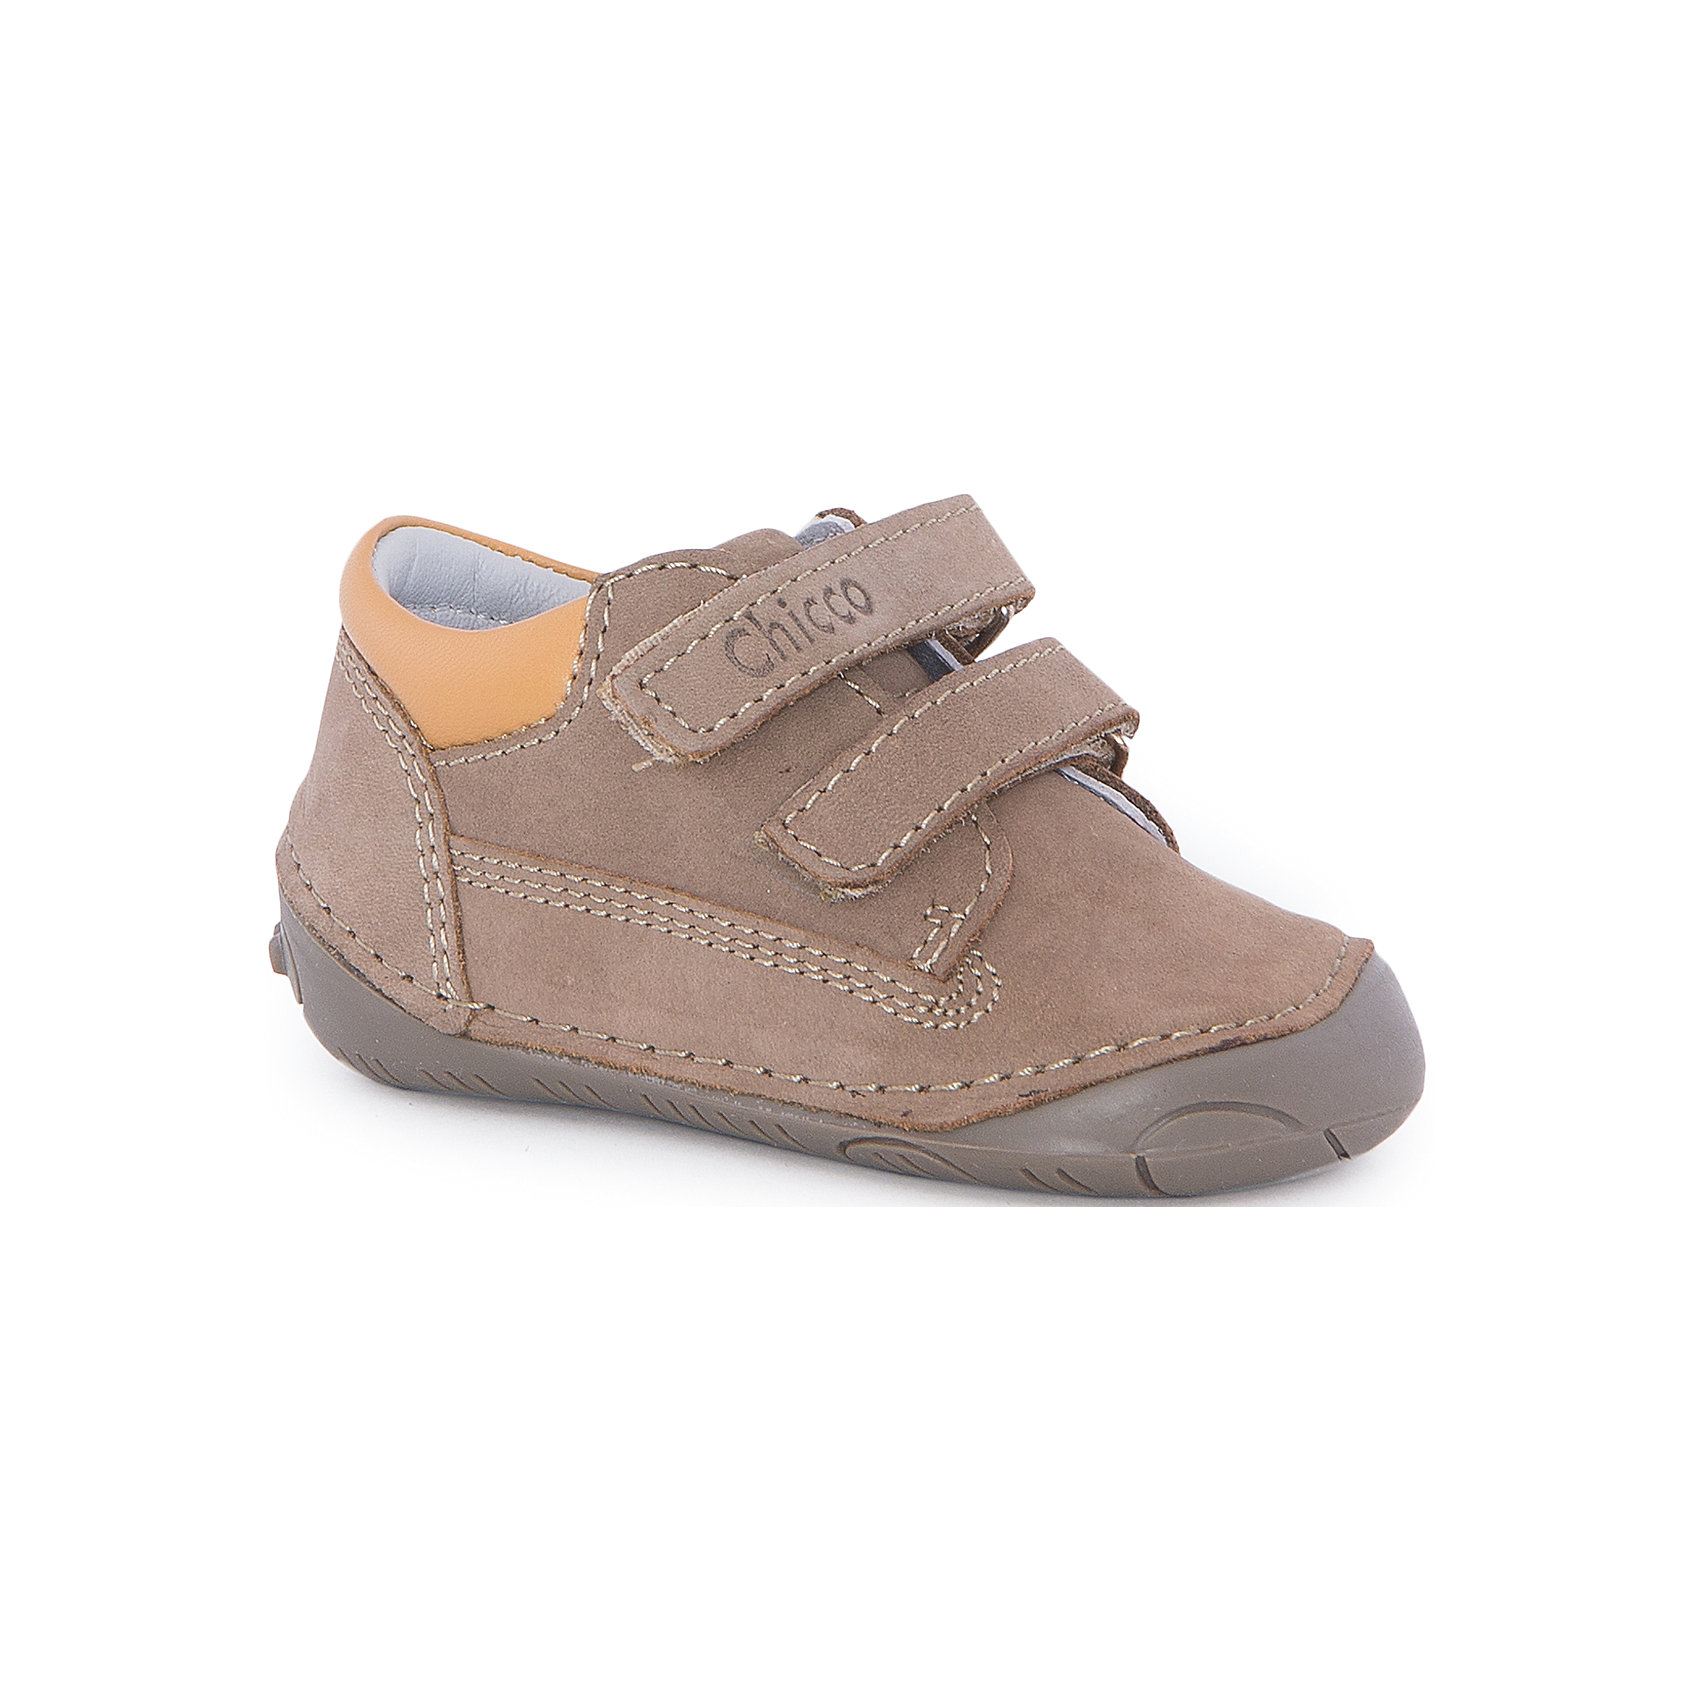 Полуботинки  для мальчика  CHICCOОбувь для малышей<br>Полуботинки для мальчика CHICCO<br><br>Характеристики:<br><br>Тип застежки: липучки, 2 шт.<br>Тип обуви: спортивные<br>Особенности обуви: усиленный носок<br>Декоративные элементы: контрастный задник<br>Цвет: коричневый<br><br>Материал: 100% кожа<br><br>Полуботинки для мальчика CHICCO можно купить в нашем интернет-магазине.<br><br>Ширина мм: 262<br>Глубина мм: 176<br>Высота мм: 97<br>Вес г: 427<br>Цвет: коричневый<br>Возраст от месяцев: 9<br>Возраст до месяцев: 12<br>Пол: Мужской<br>Возраст: Детский<br>Размер: 20,21,19<br>SKU: 5082851